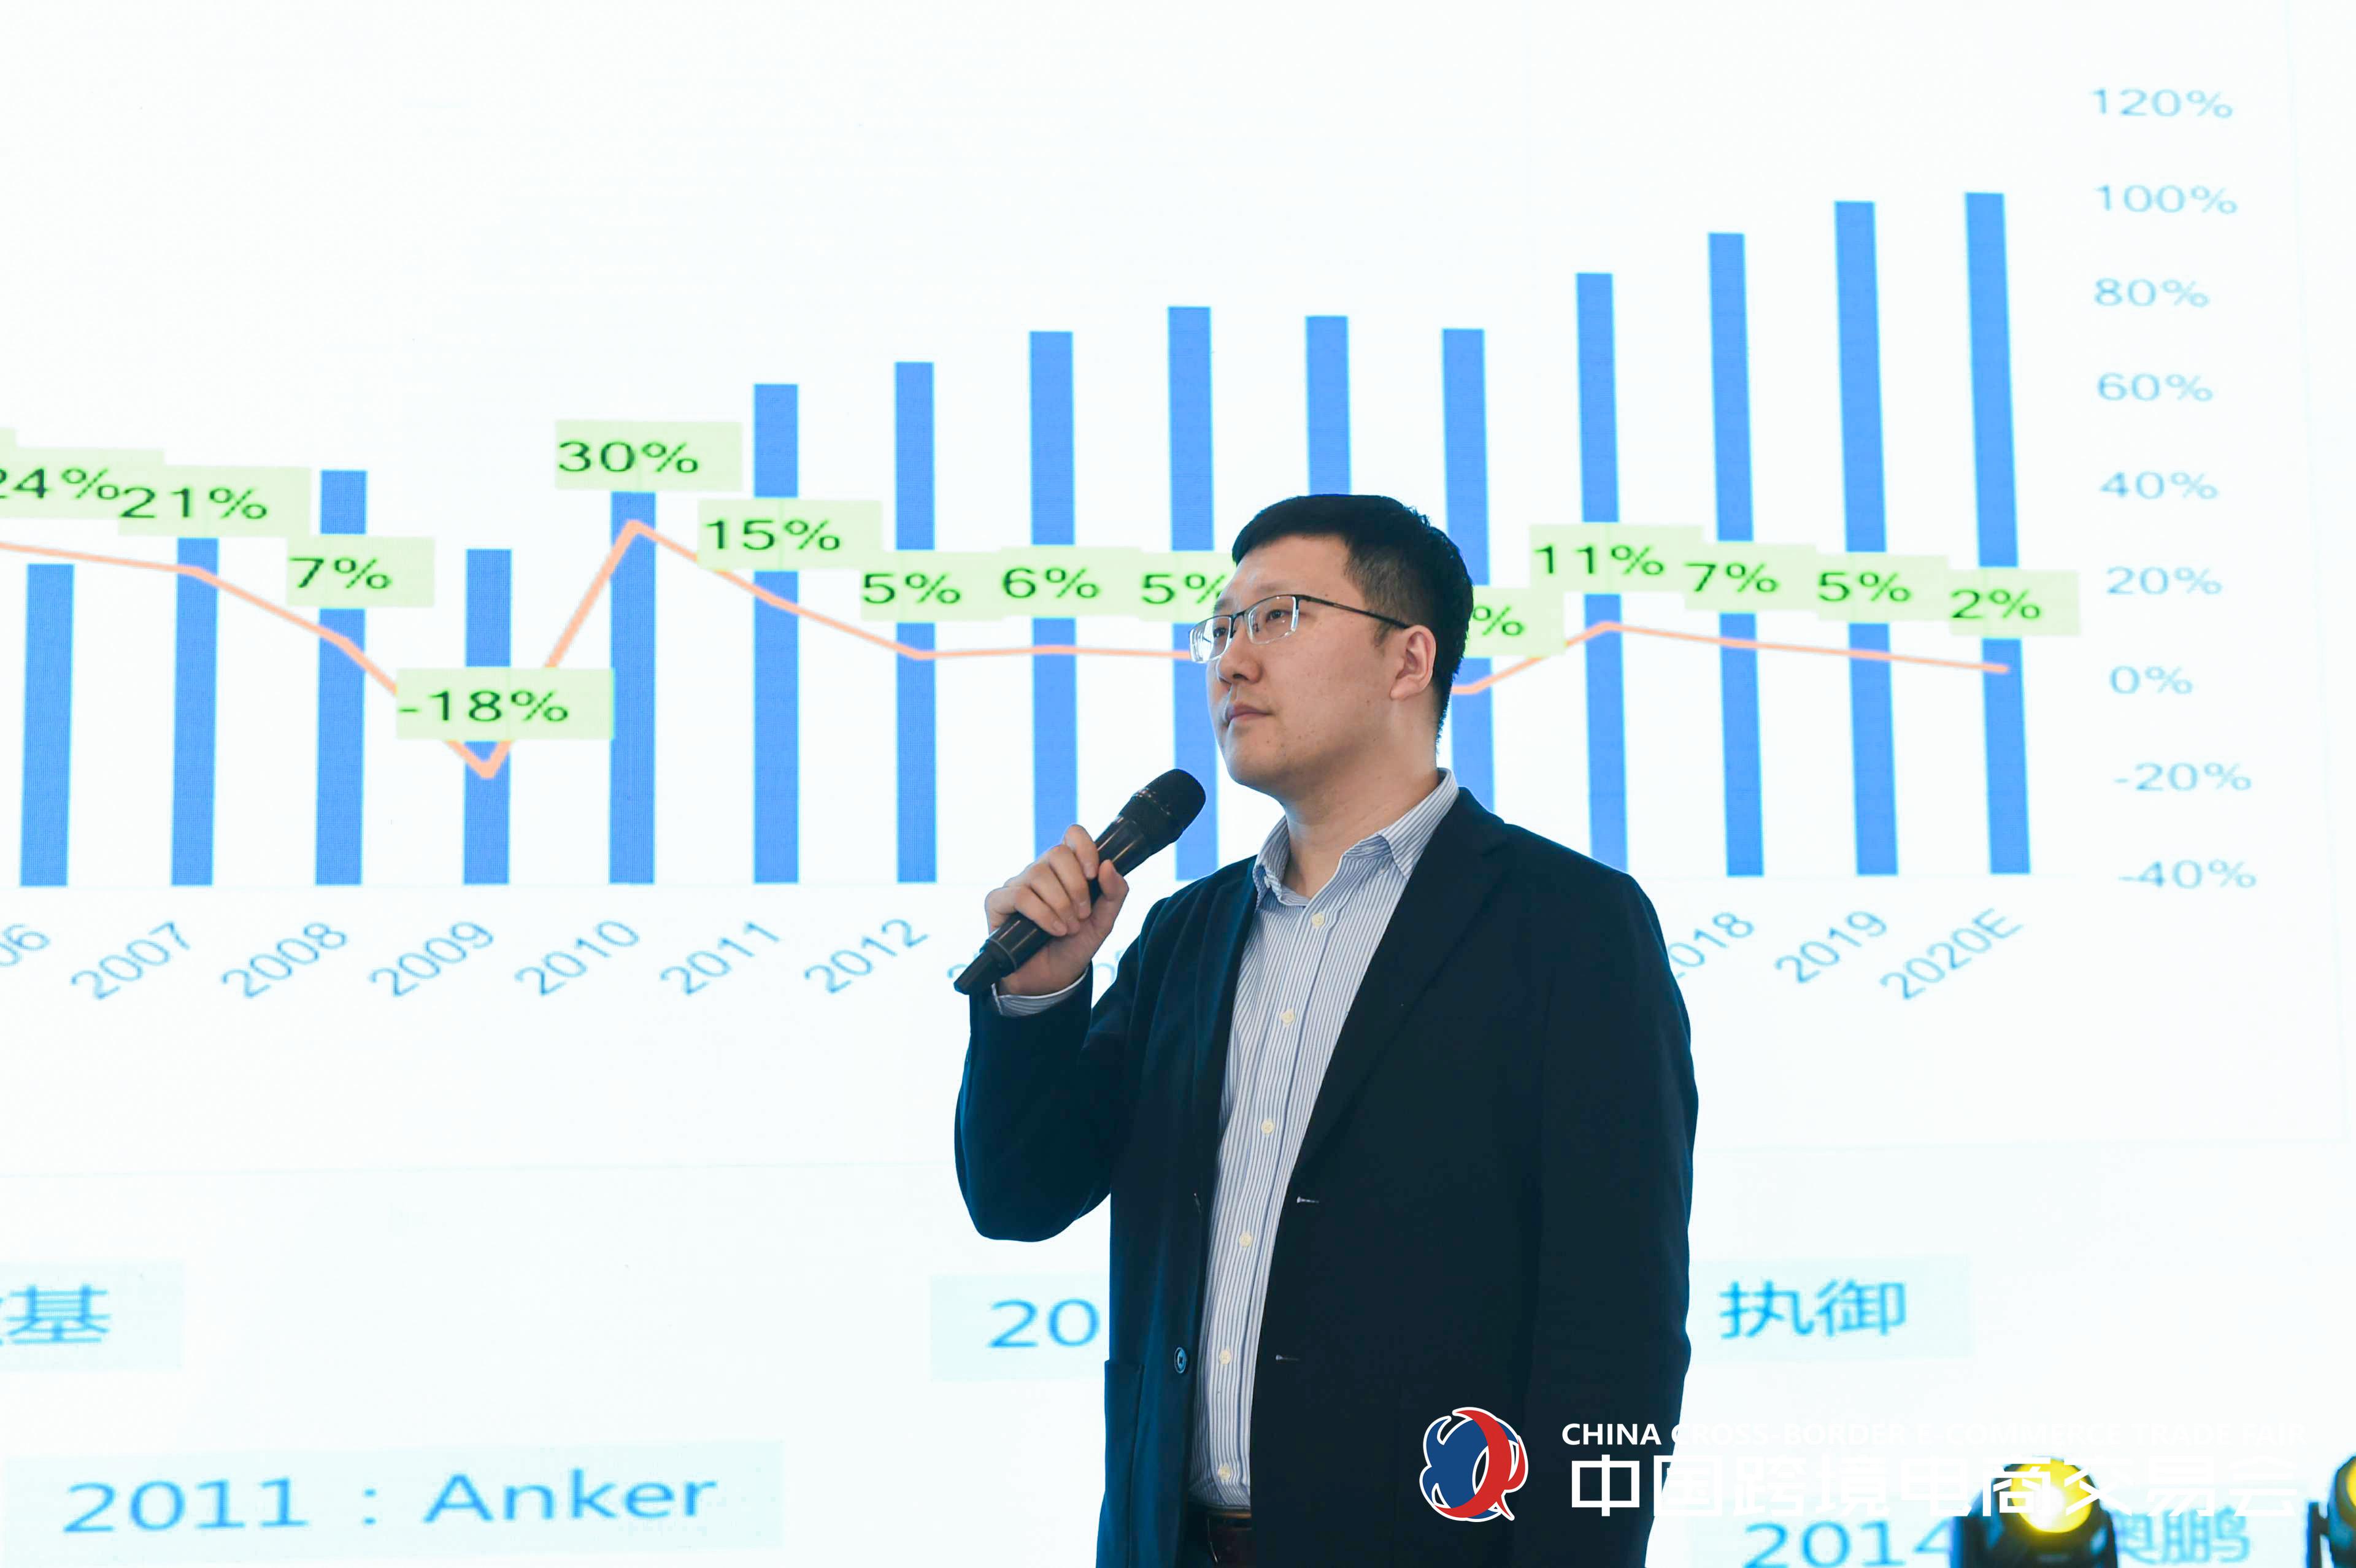 猎豹移动受邀首届中国跨交会,与千位卖家共话海外营销之道!